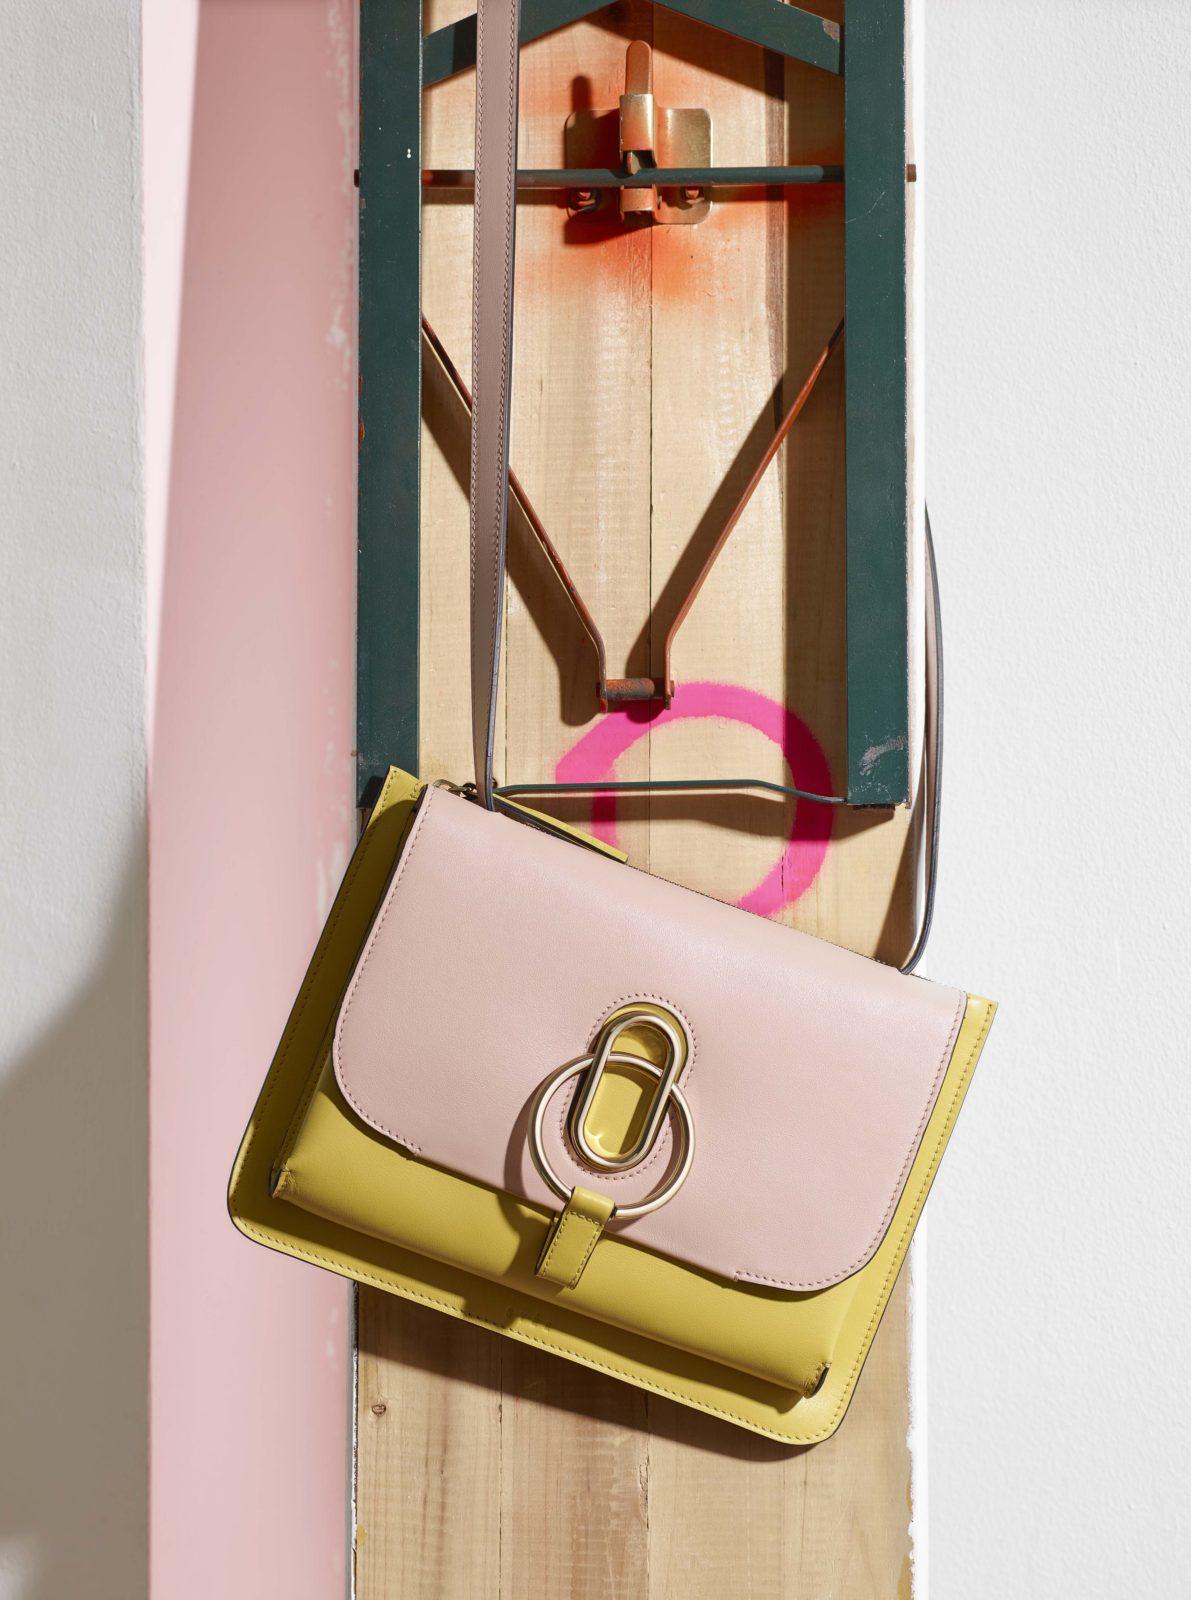 2b8d4800aebeb Welche Handtasche aus deinem Kleiderschrank ist dein Lieblingsmodell   Welches besitzt du am längsten